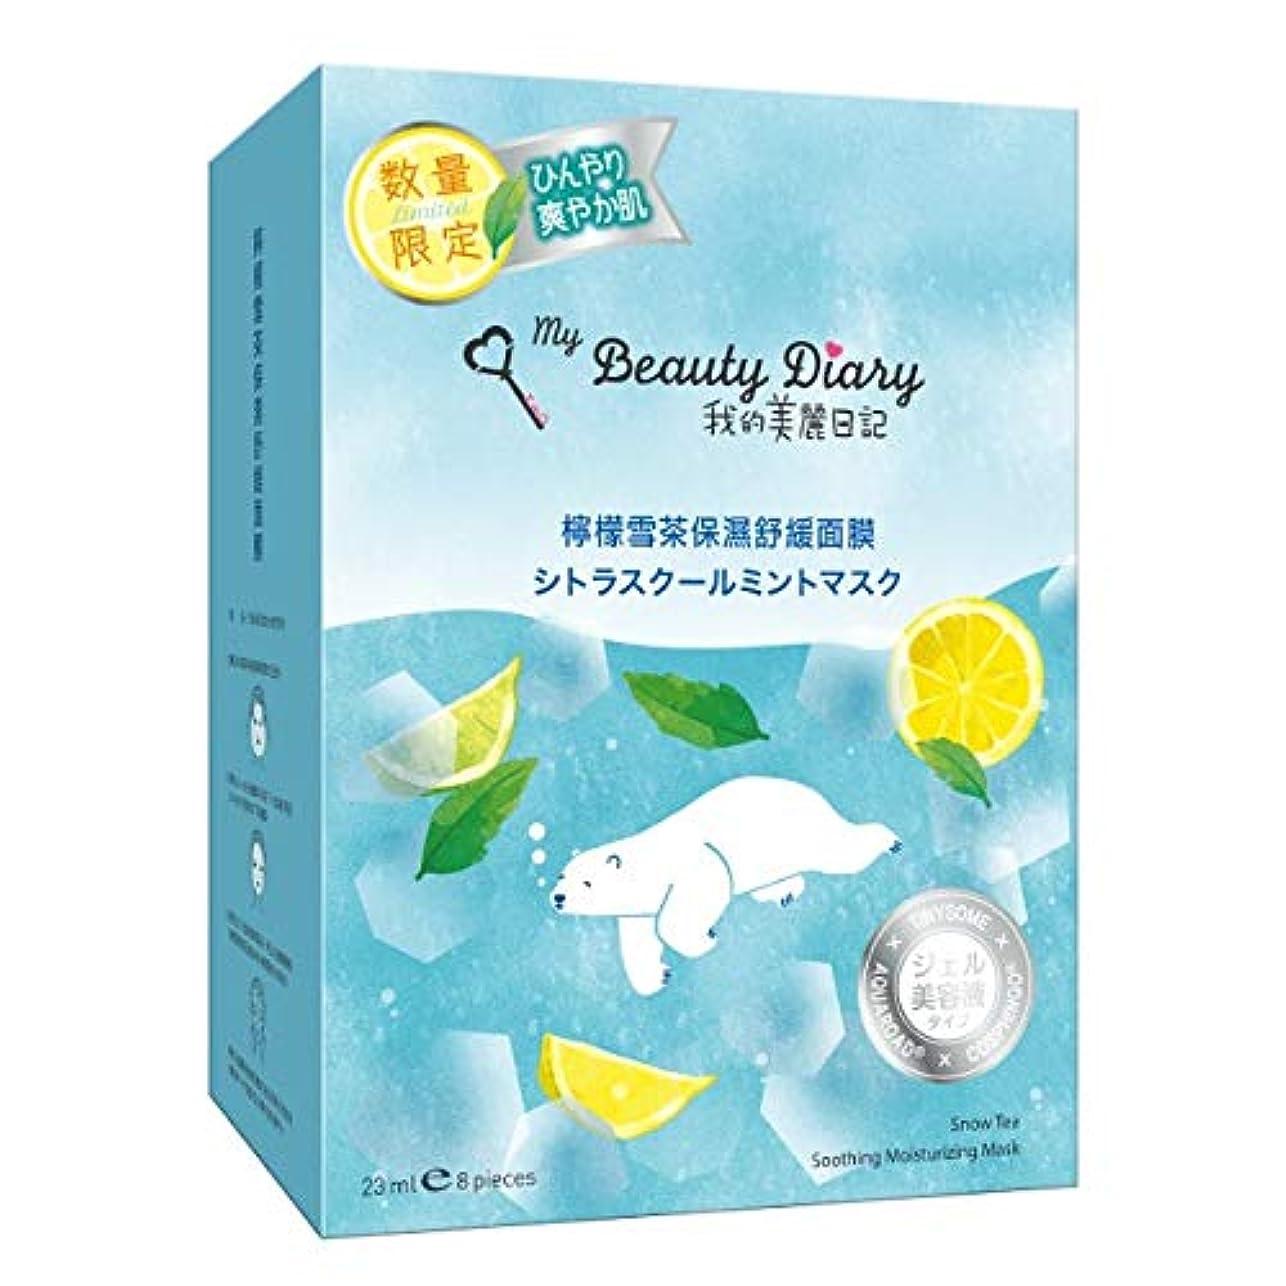 ドット症候群アルファベット我的美麗日記(私のきれい日記) シトラスクールミントマスク 8枚入/我的美麗日記 檸檬雪茶保濕舒緩面膜 8枚入